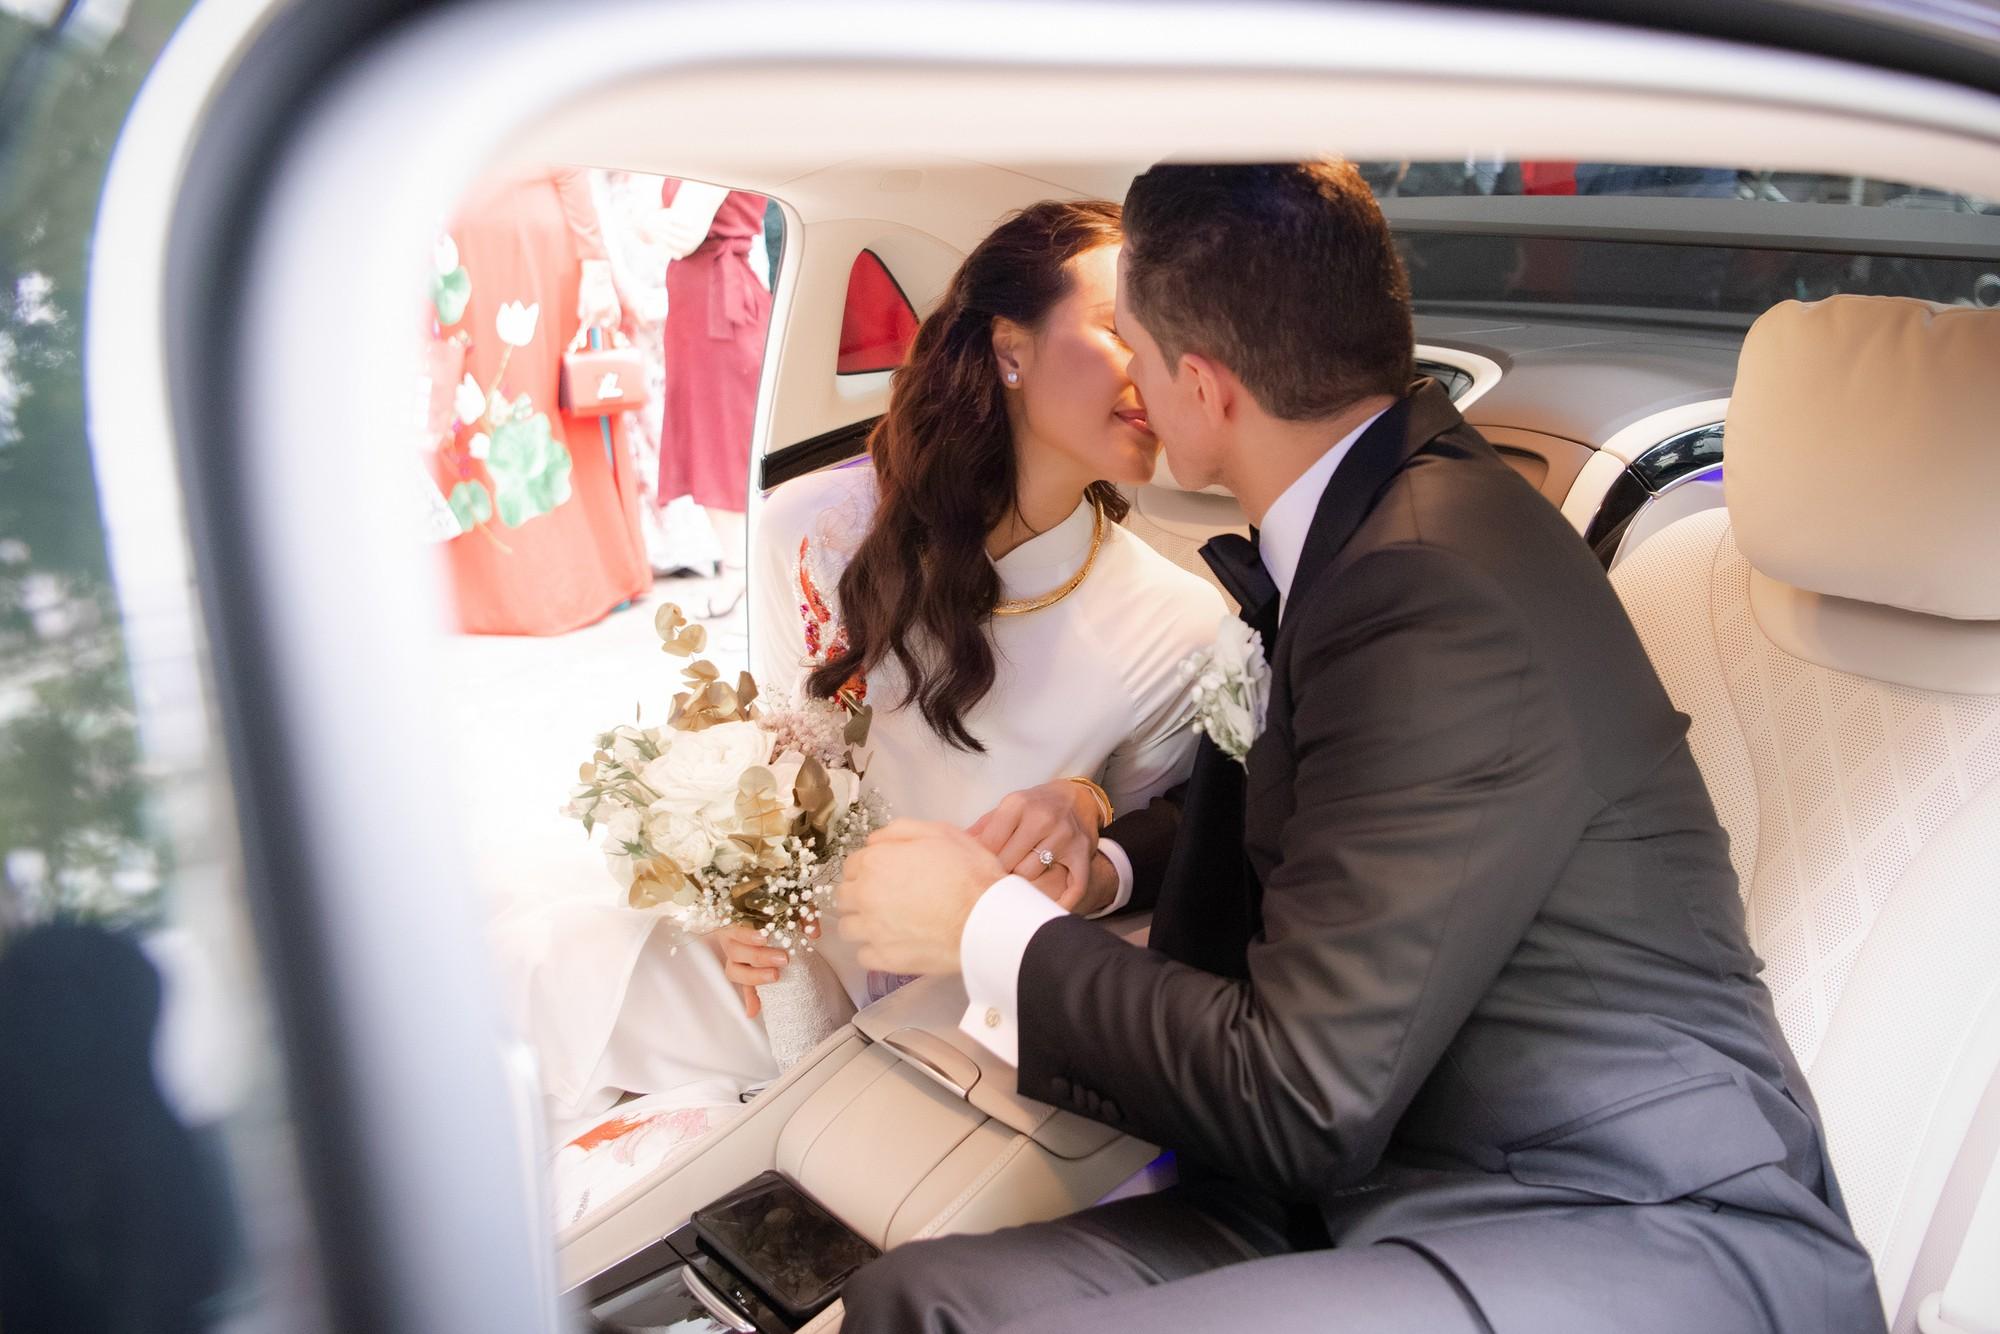 Toàn cảnh lễ đón dâu tại nhà phố cổ của siêu mẫu Phương Mai: Chú rể xuất hiện cùng đoàn xe sang, cô dâu òa khóc ôm chặt mẹ ruột  - Ảnh 12.